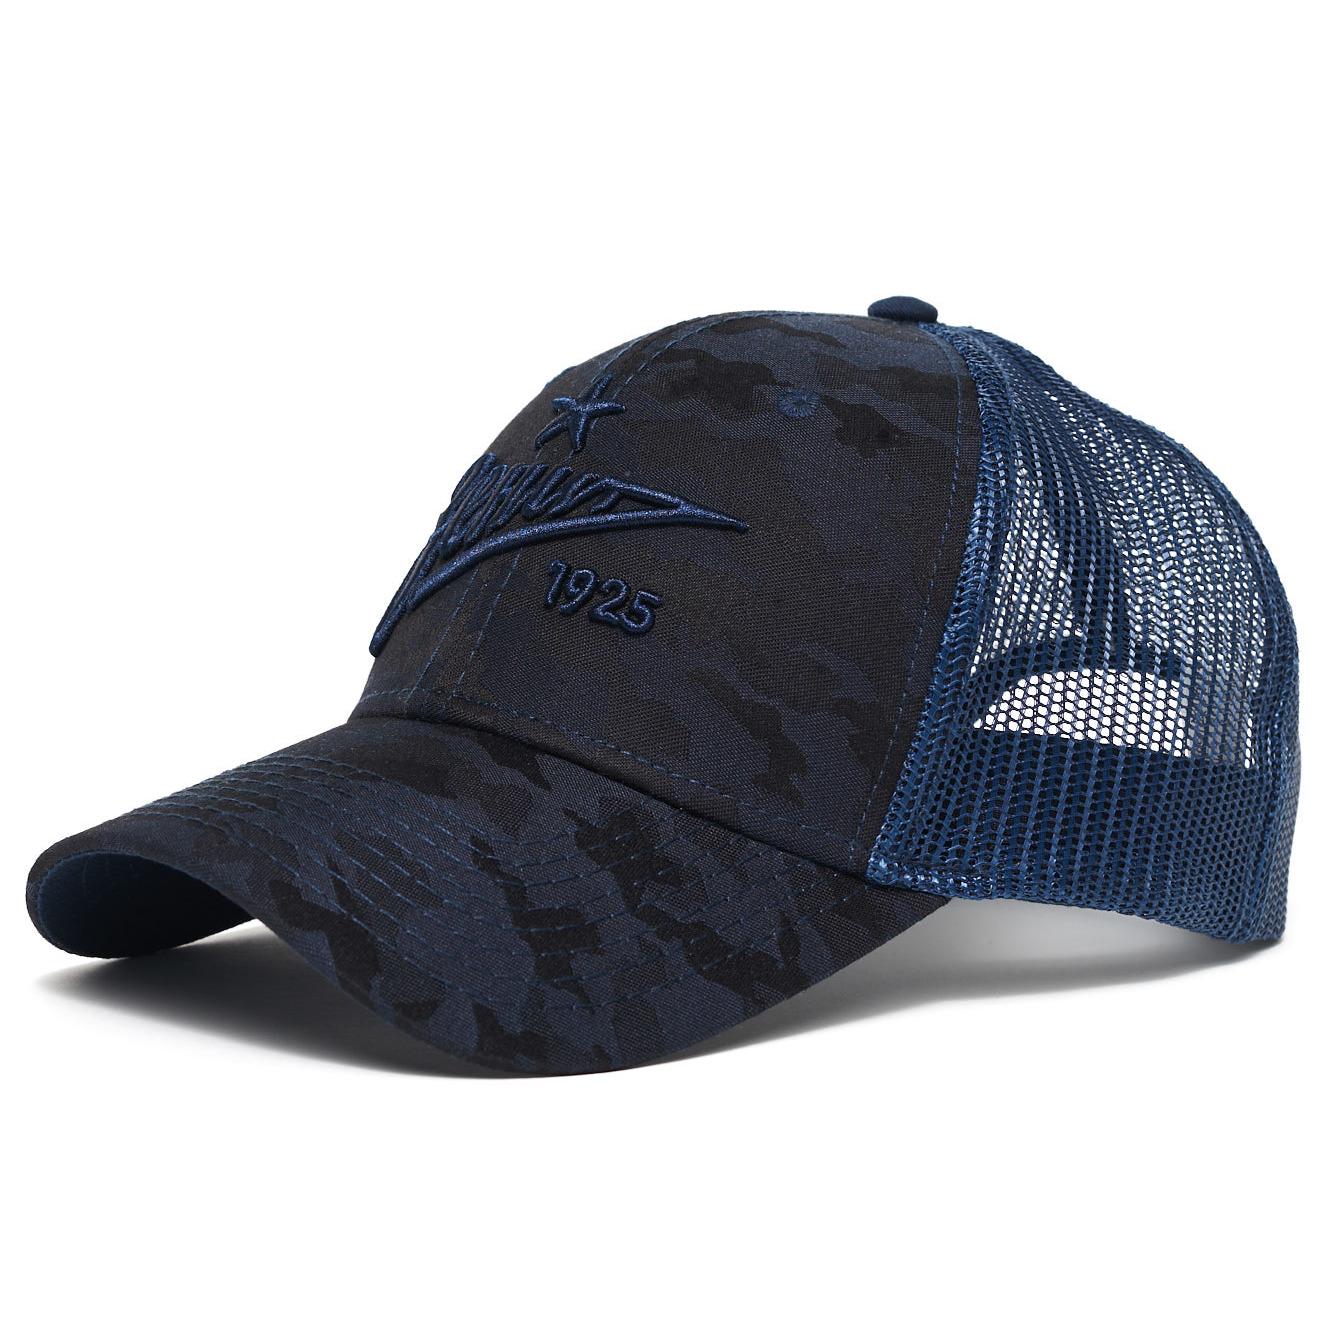 купить кепку в нижнем новгороде